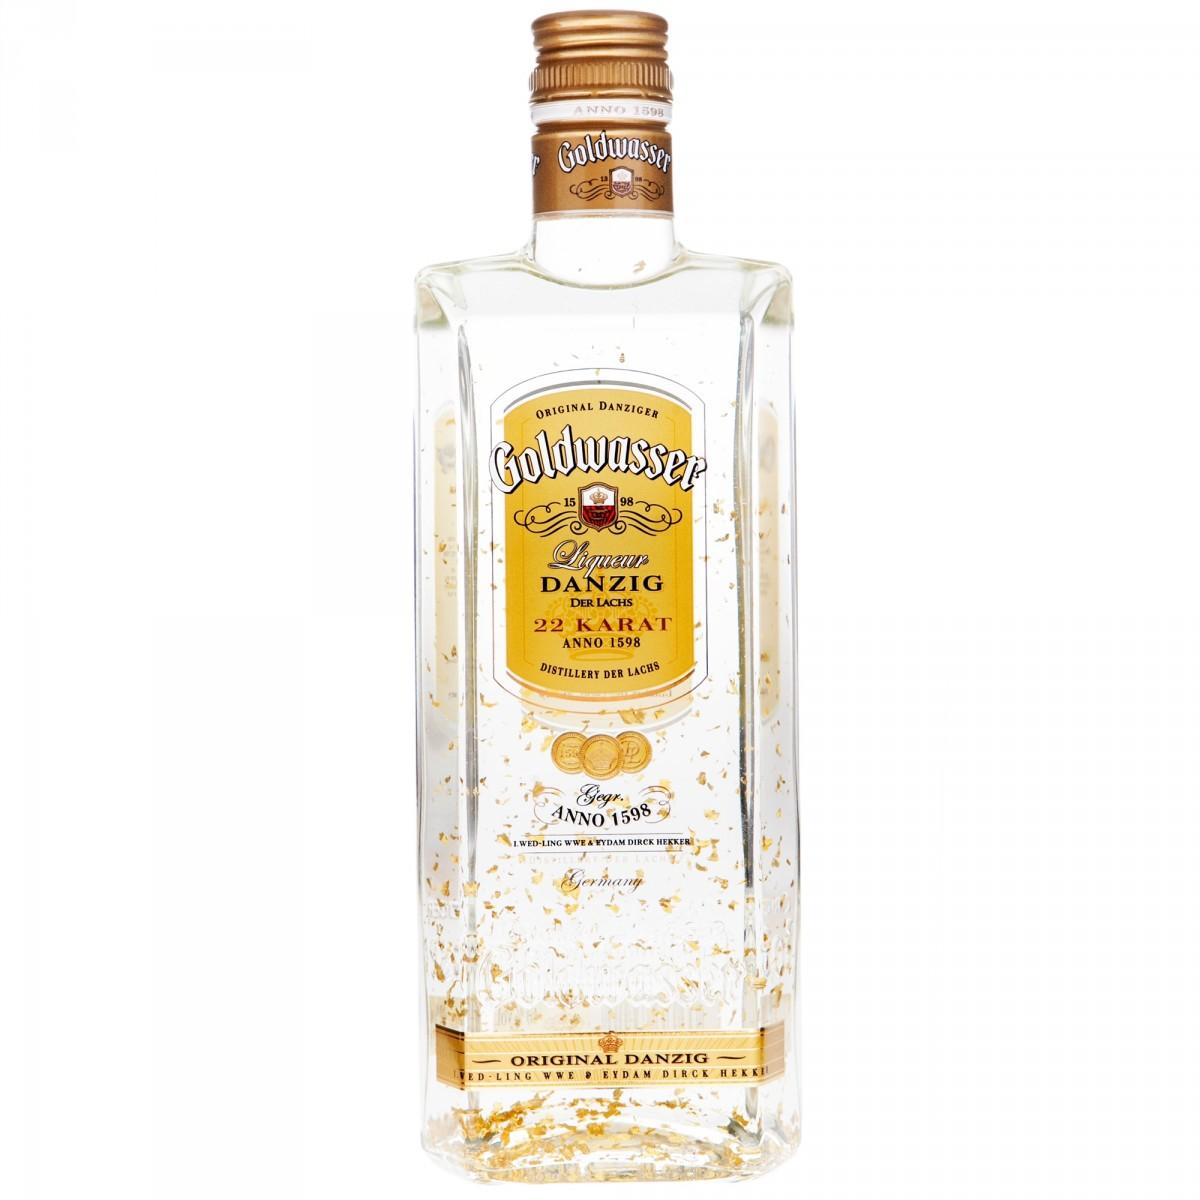 Vodka Daziger Goldwasser Aelia Duty Free 10 Off On Your Online Order